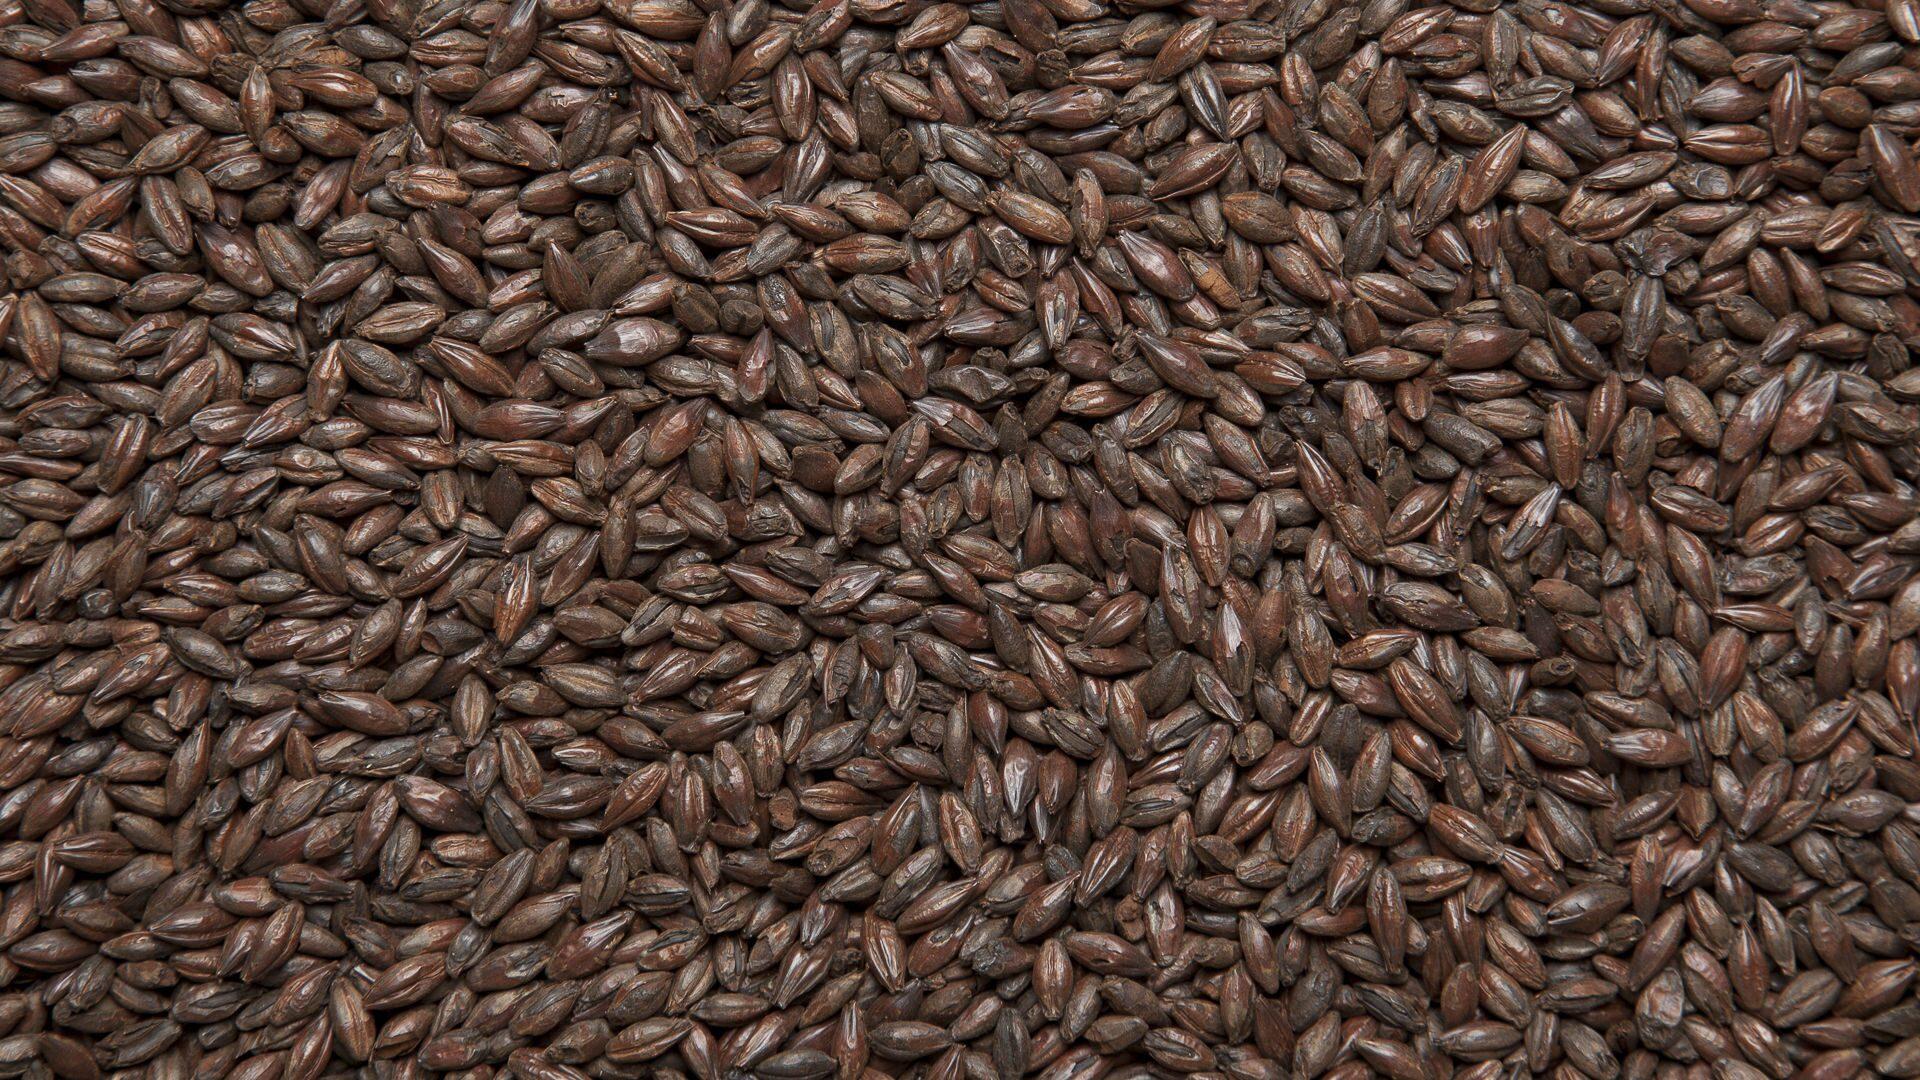 пшеничный солод фото основное, что